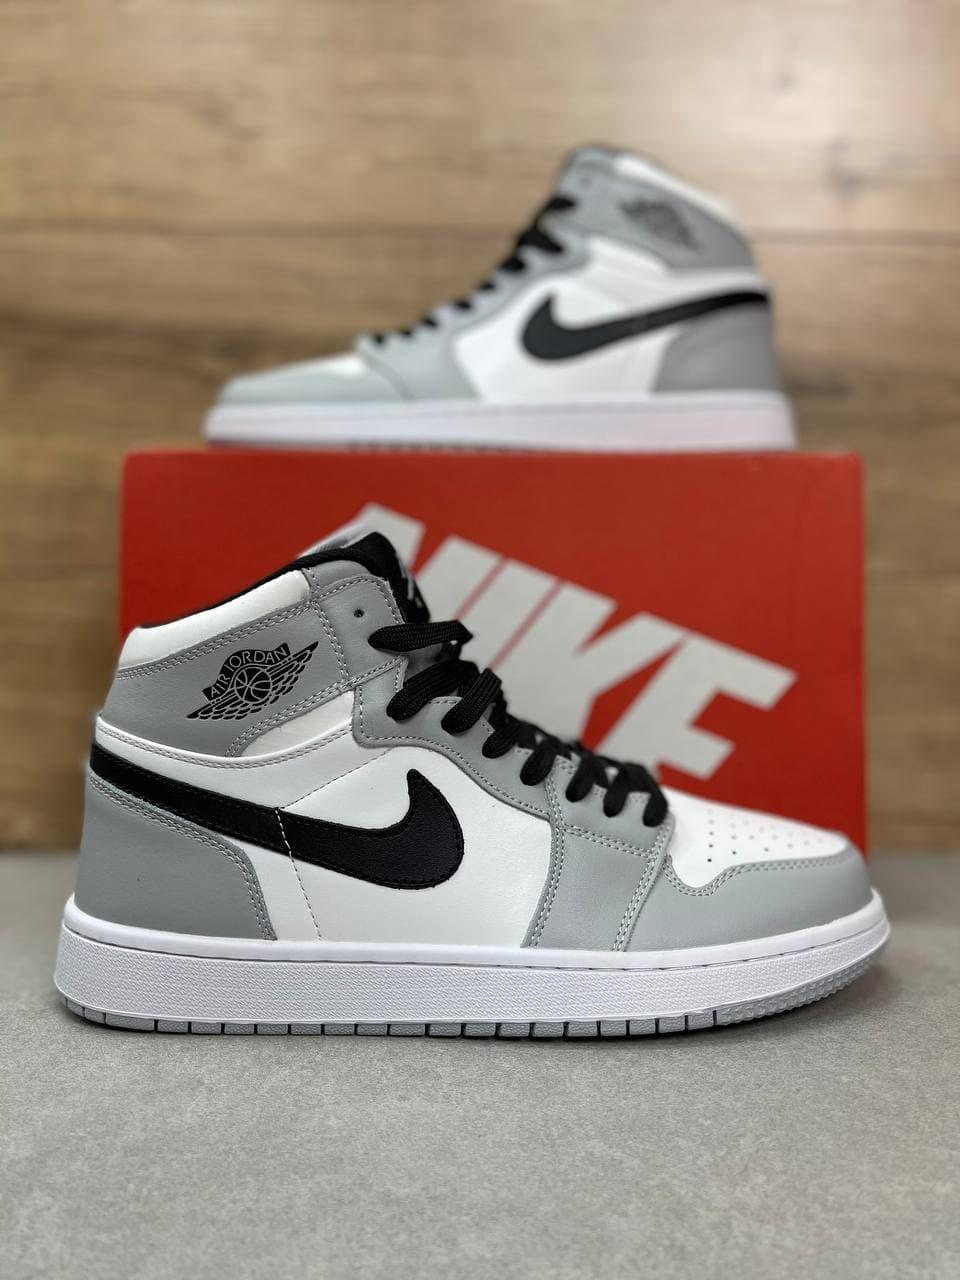 Кроссовки  в стиле  Air Jordan белые с серым | черные 41 | 42 | 43 | 44 | 45 | 46